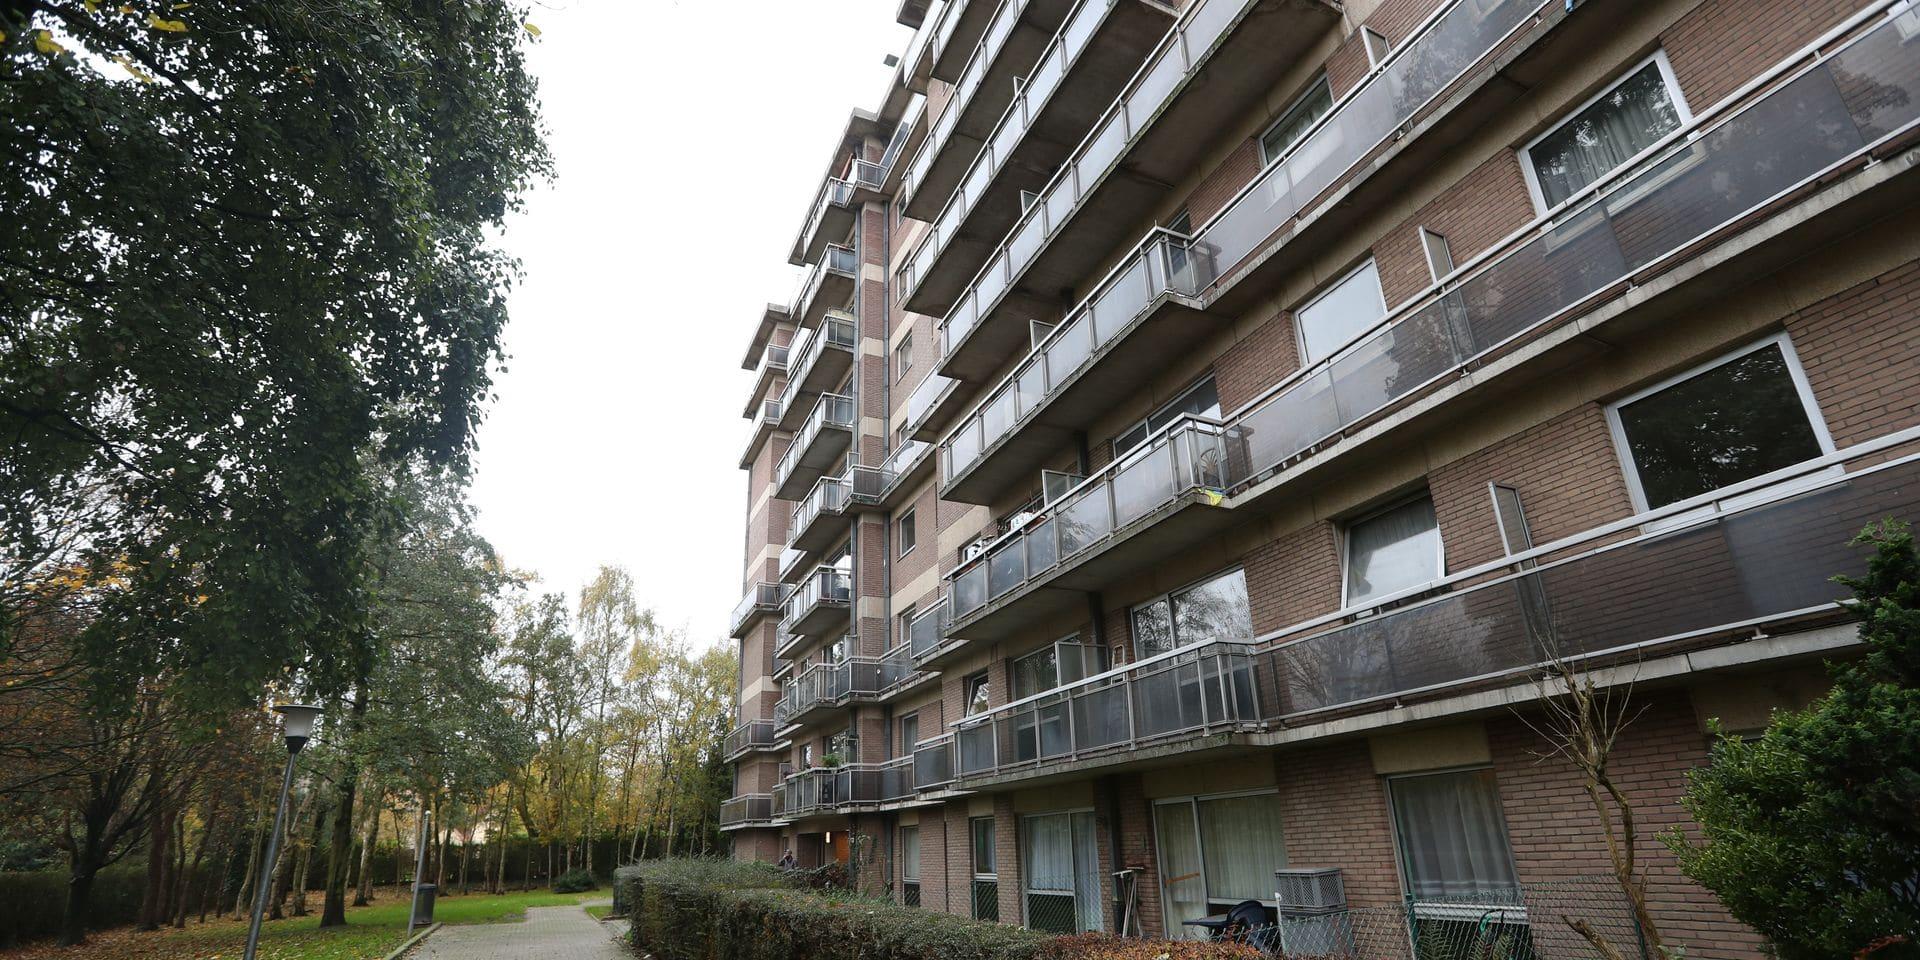 Comment certaines communes bruxelloises snobent le logement social